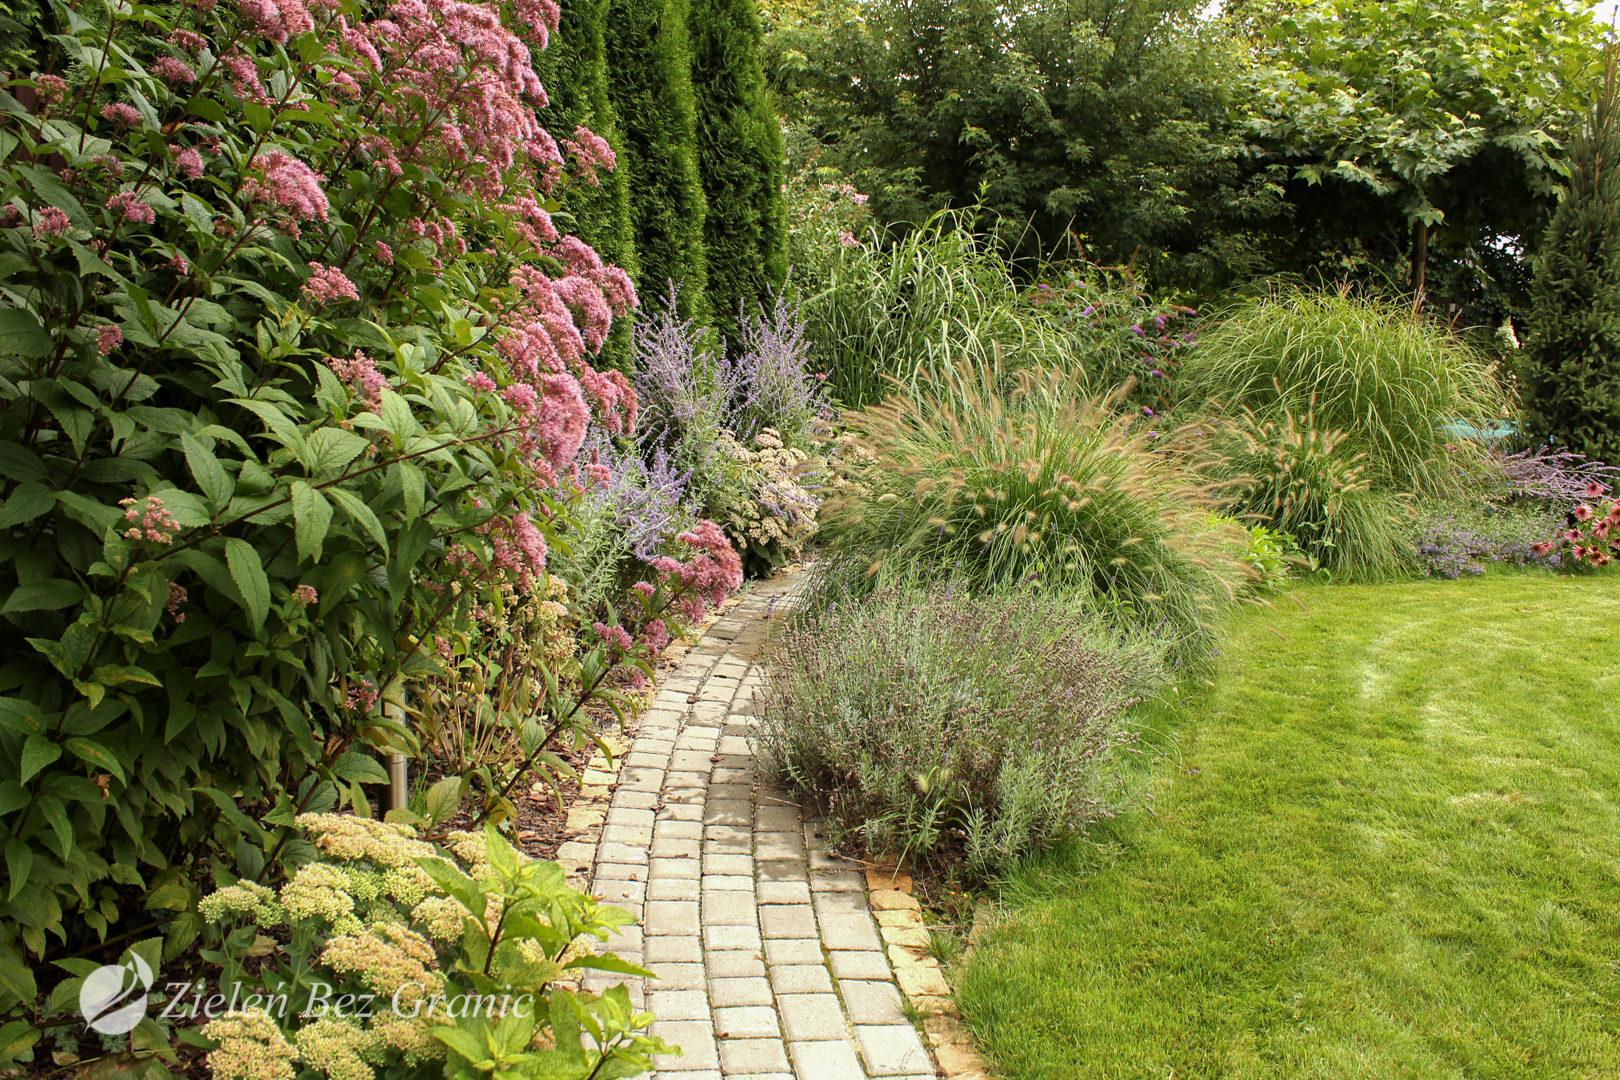 Pomysł na ogród pełen kolorów.